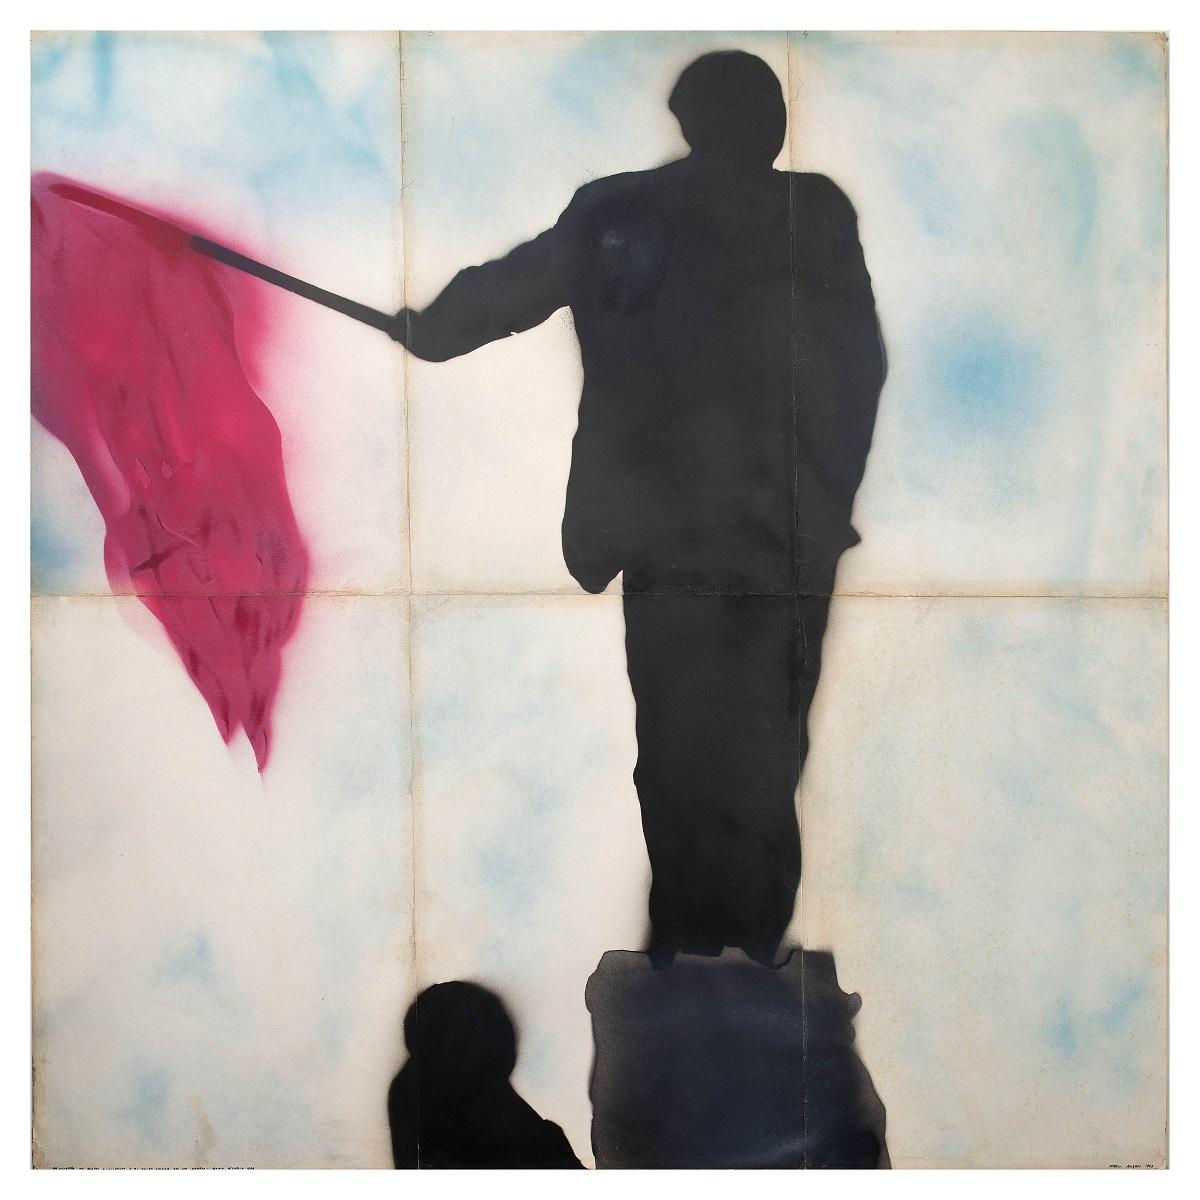 Franco Angeli, Ritratto di Mao con Bandiera Rossa, 1968. Collezione Mara Chiaretti. Ph. ©Giorgio Benni